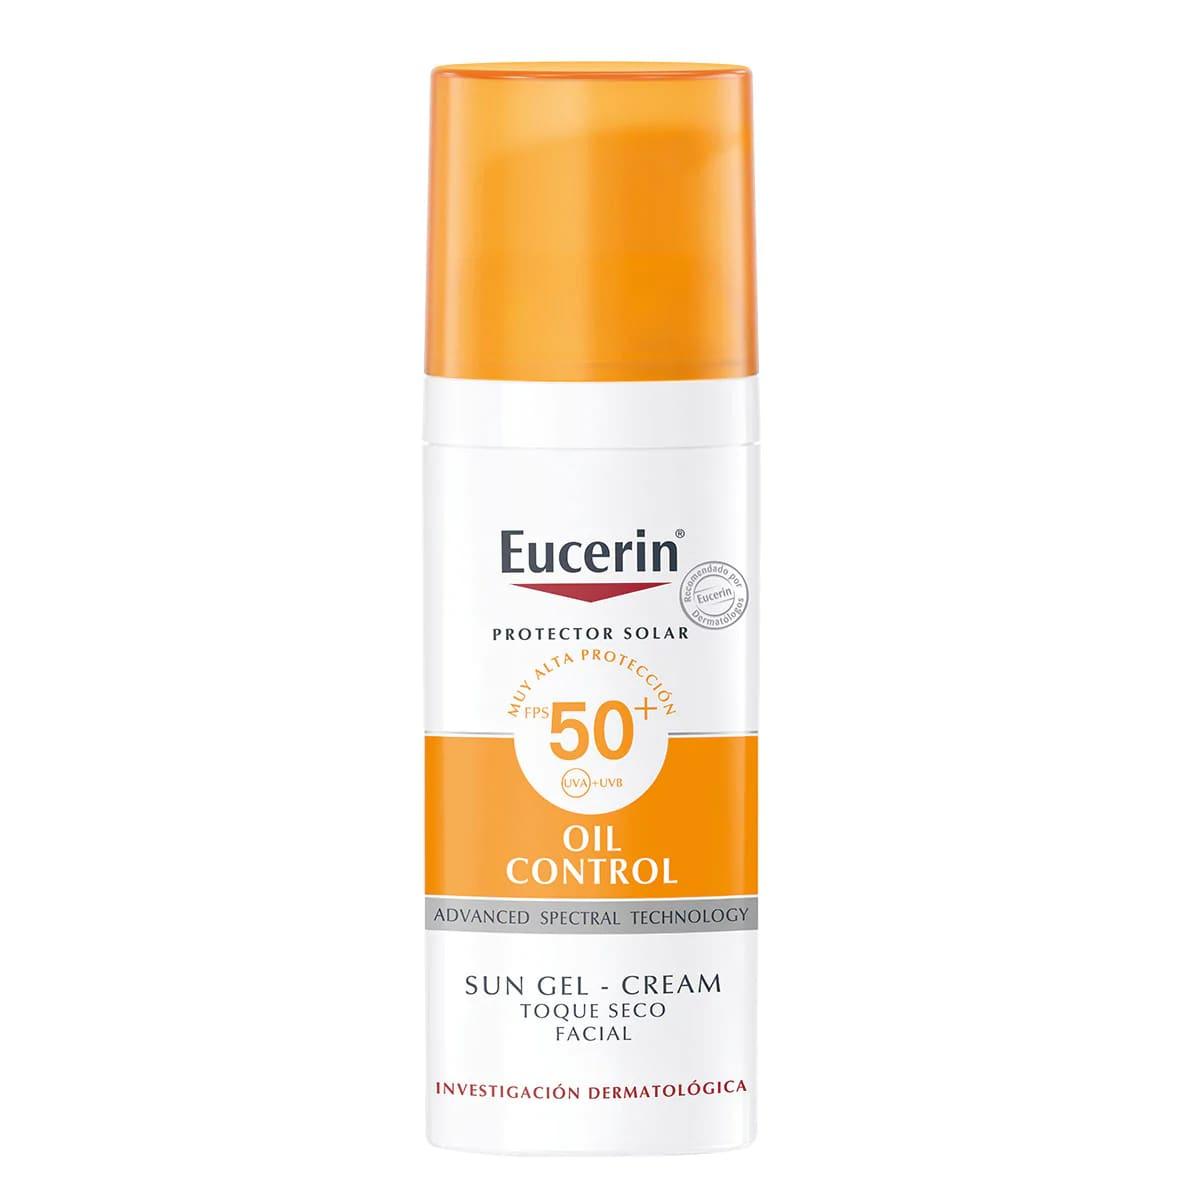 Eucerin Oil Control Toque Seco Fps 50 1 Botella Crema 50 Ml